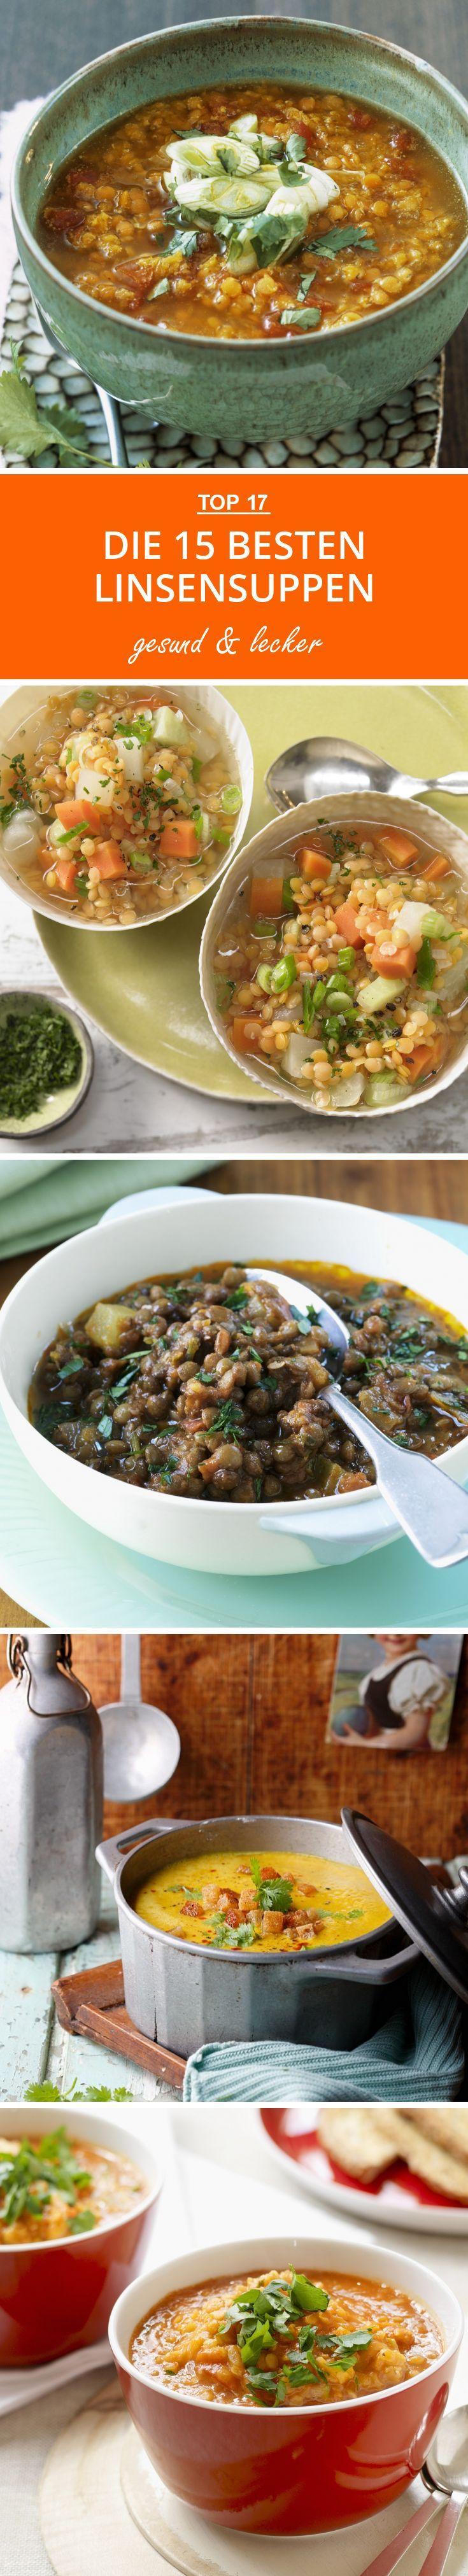 die besten linsensuppen linsensuppe suppen rezept vegetarisch und linsengerichte